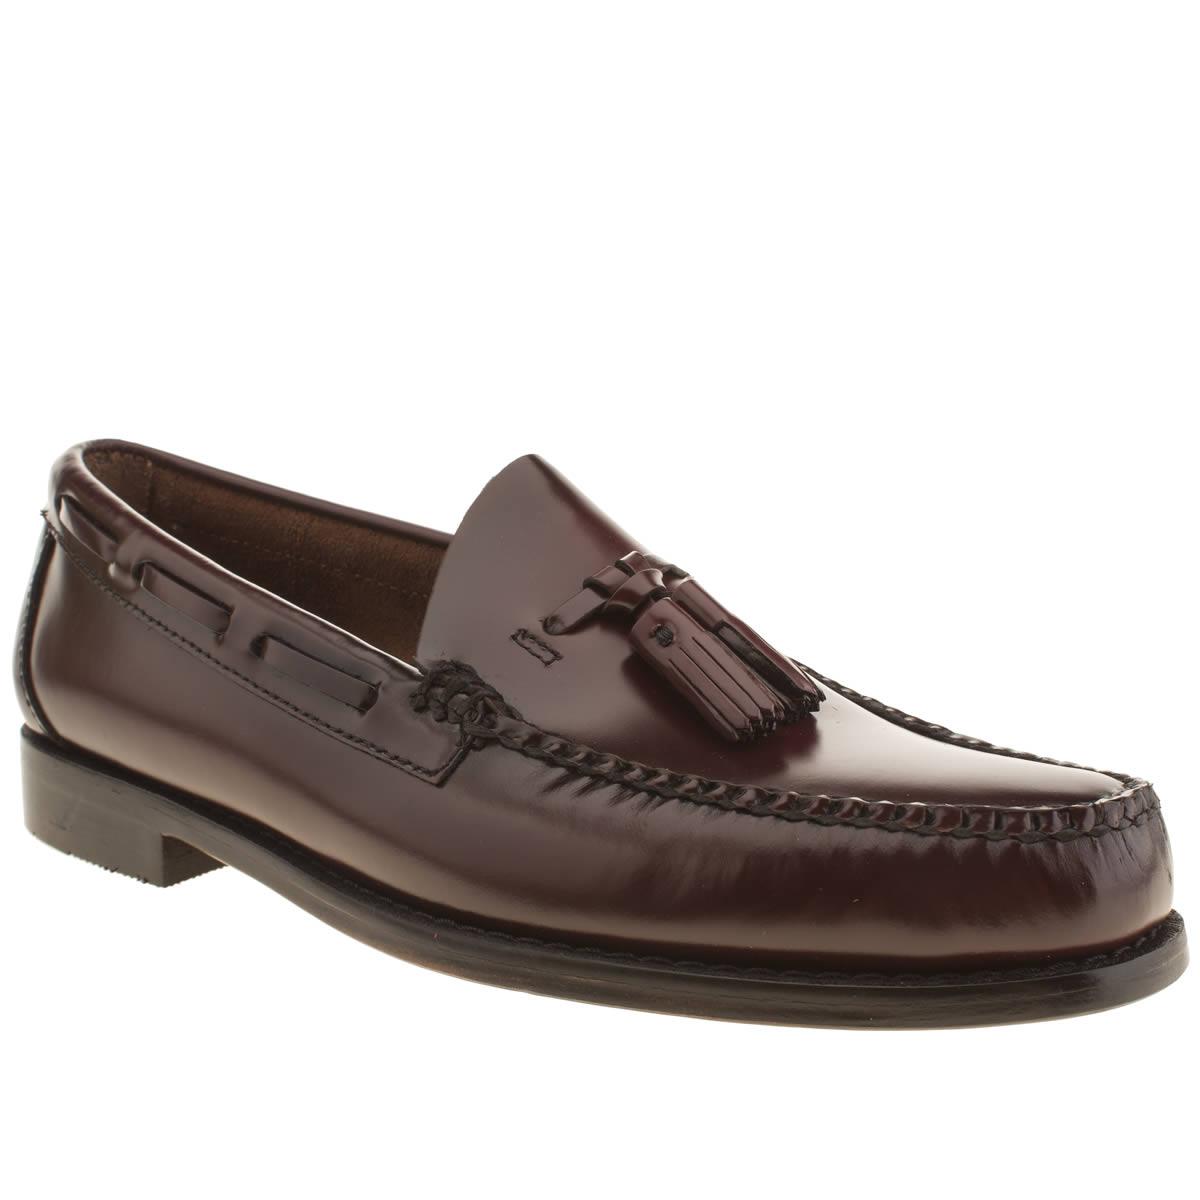 bass Bass Burgundy Larkin Moccasin Tassel Shoes